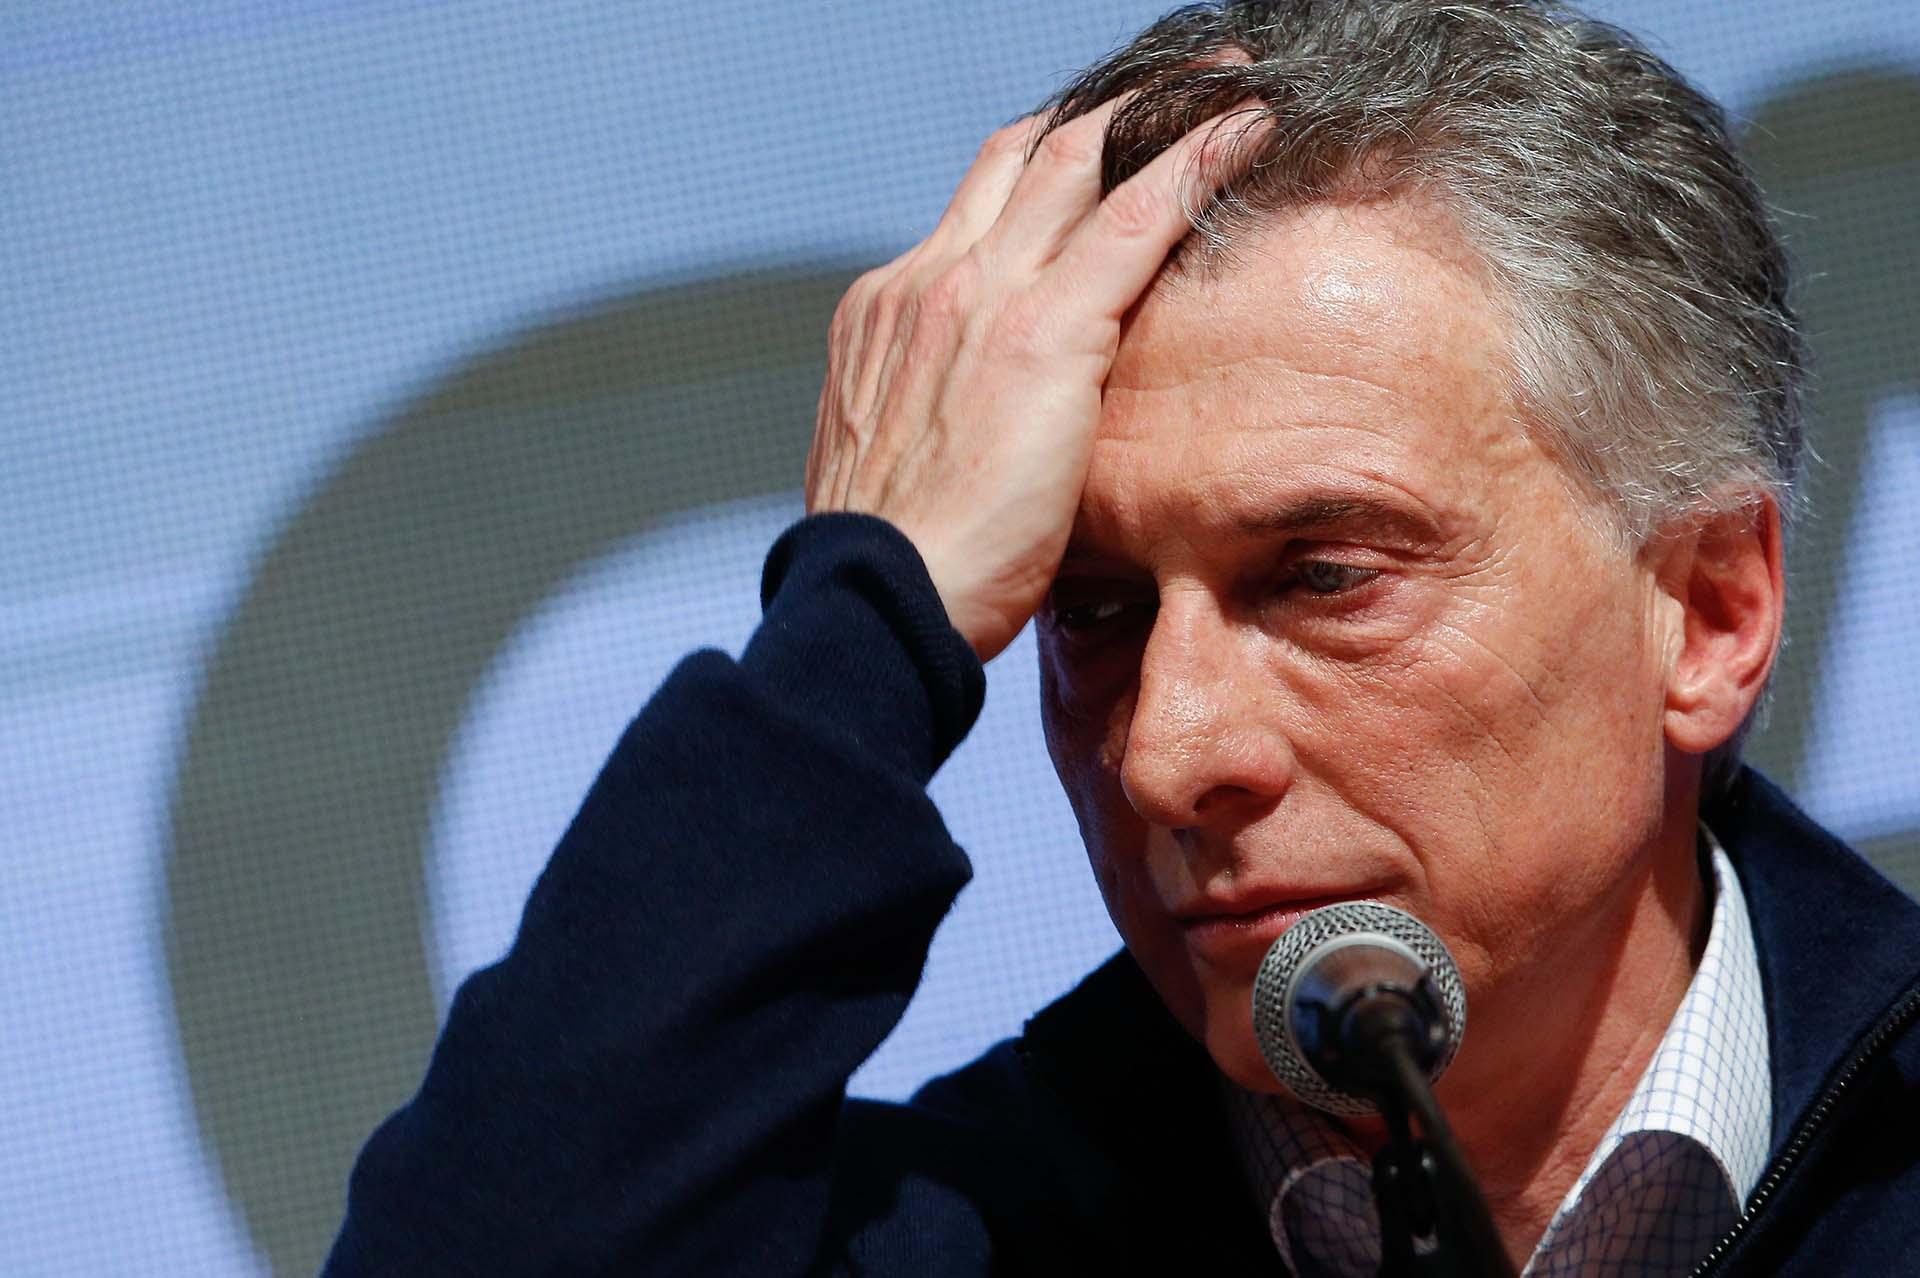 El presidente Mauricio Macri y la imagen más cruda de la derrota (EFE/Juan Ignacio Roncoroni)